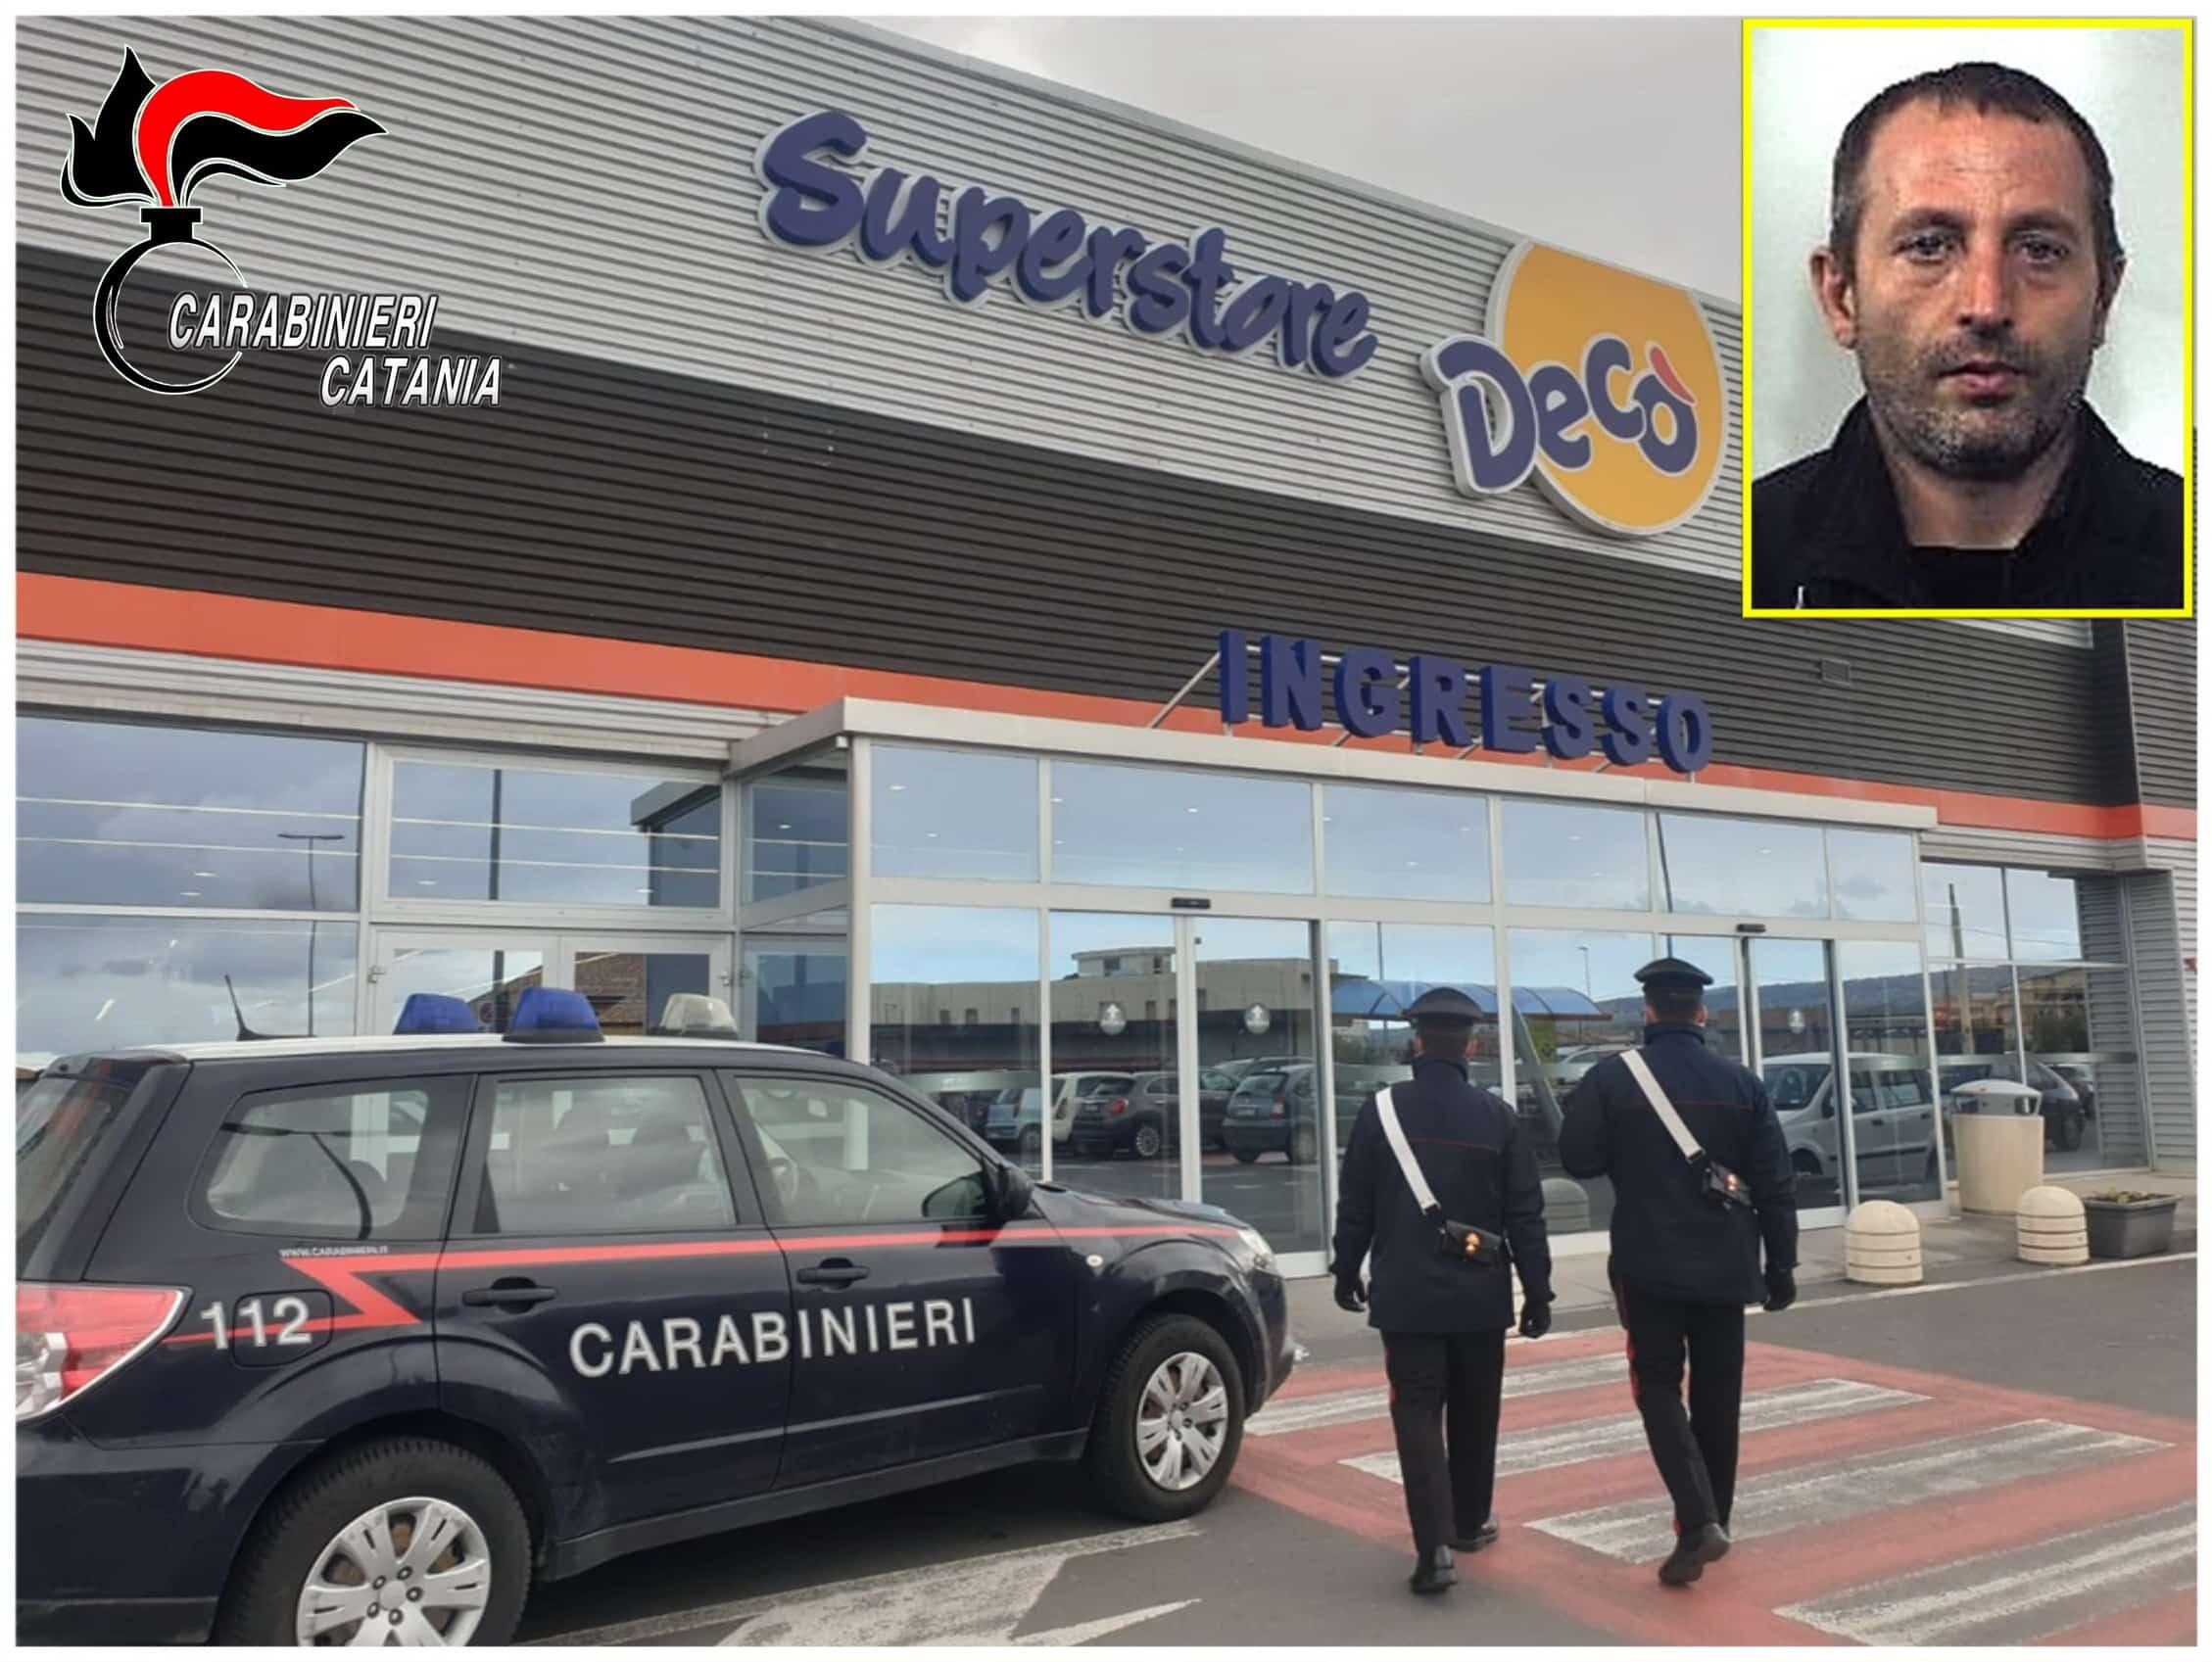 Furto aggravato in un Decò del Catanese, bottino dal valore di 100 euro: arrestato Vincenzo Bauso